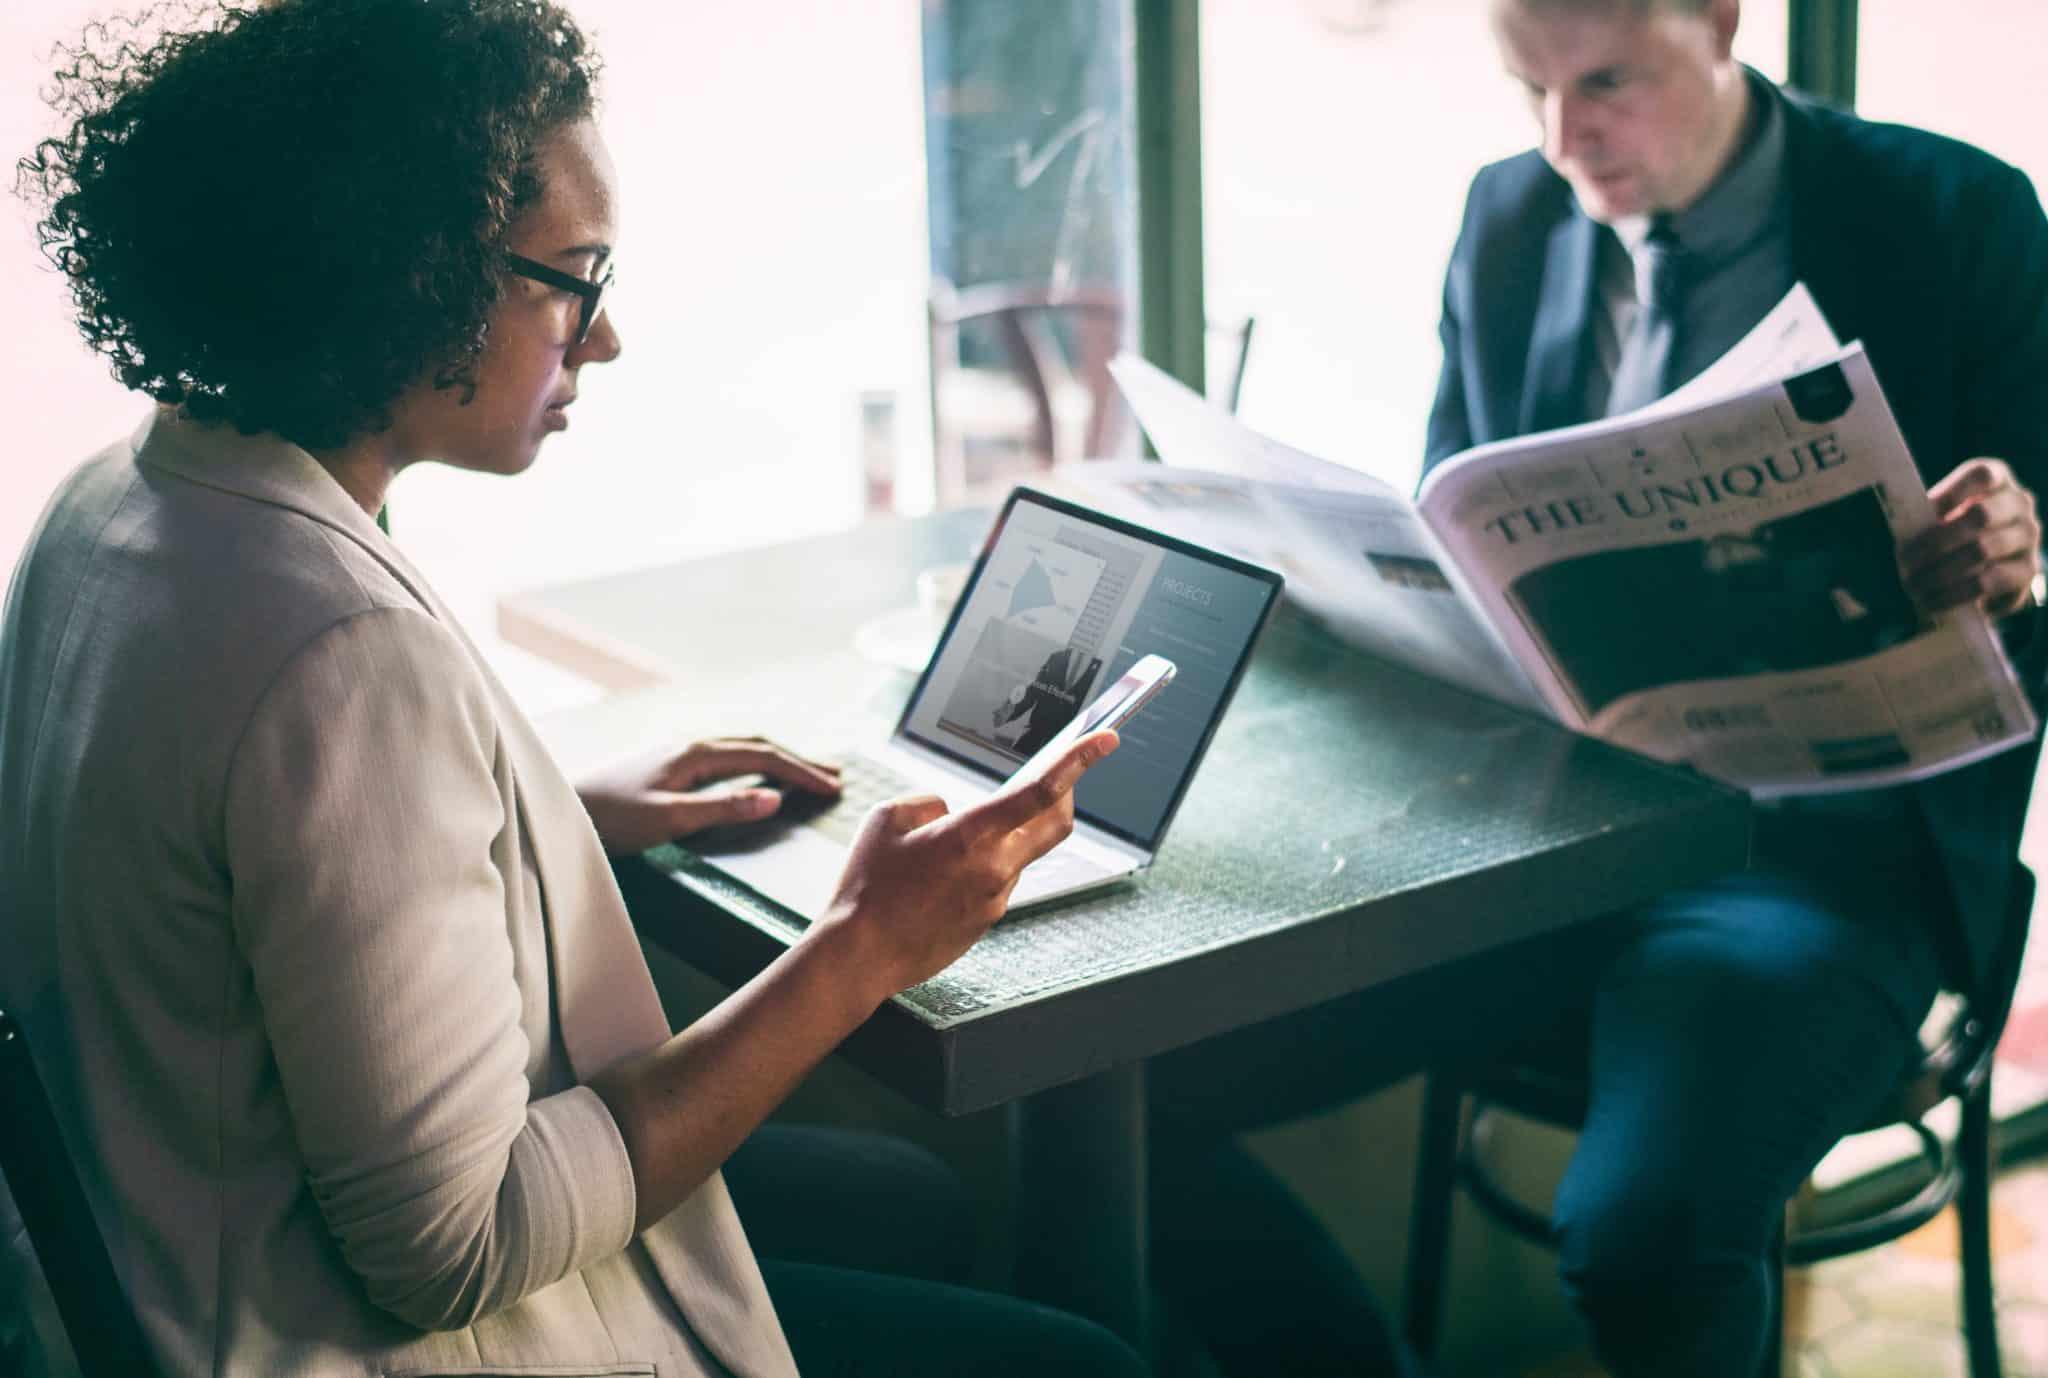 Dating tips for workaholics gode råd for online dating